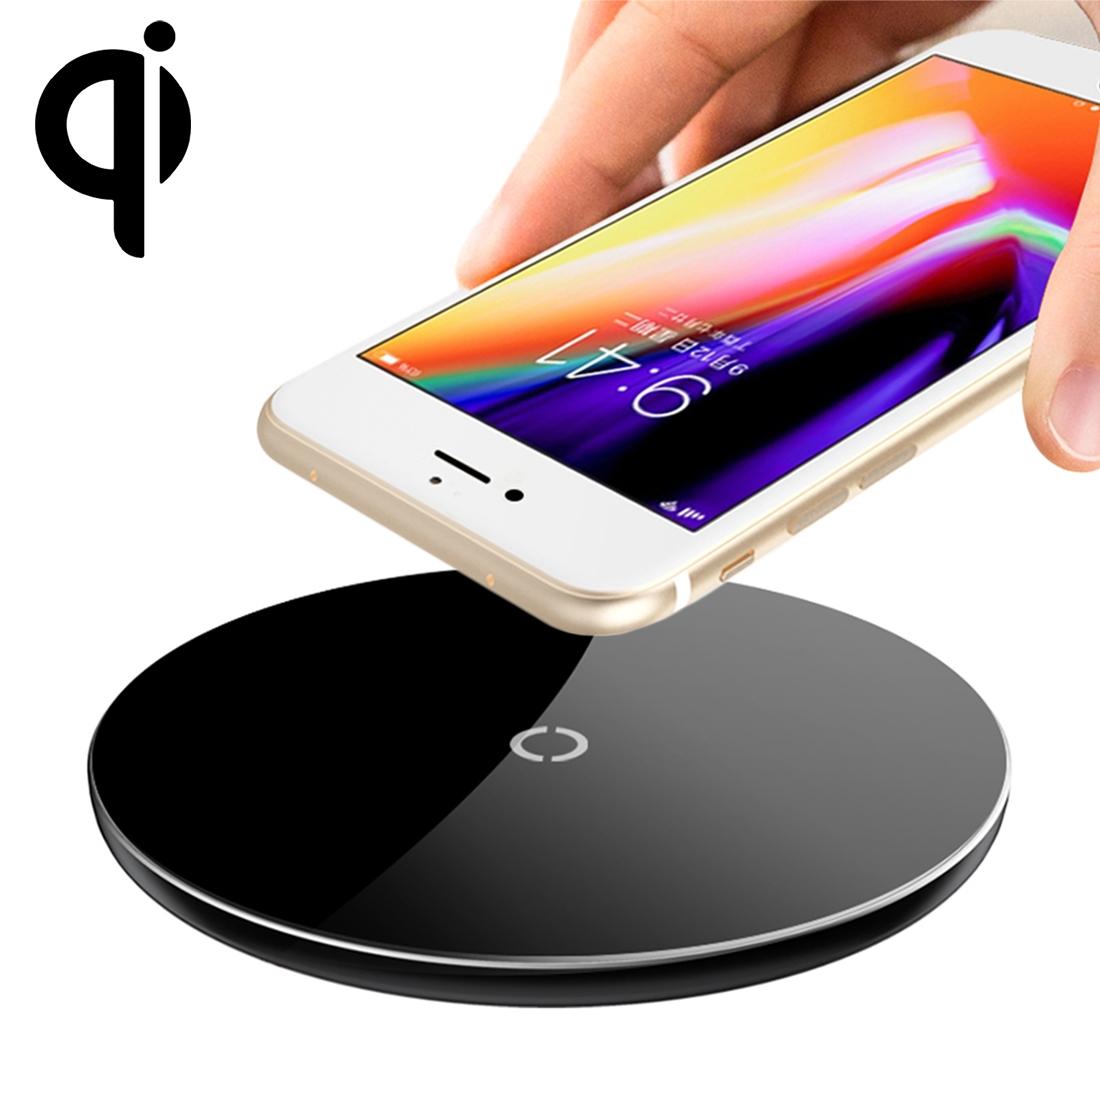 Bezdrátová rychlonabíječka Baseus pro iPhone / Android mobil - černá